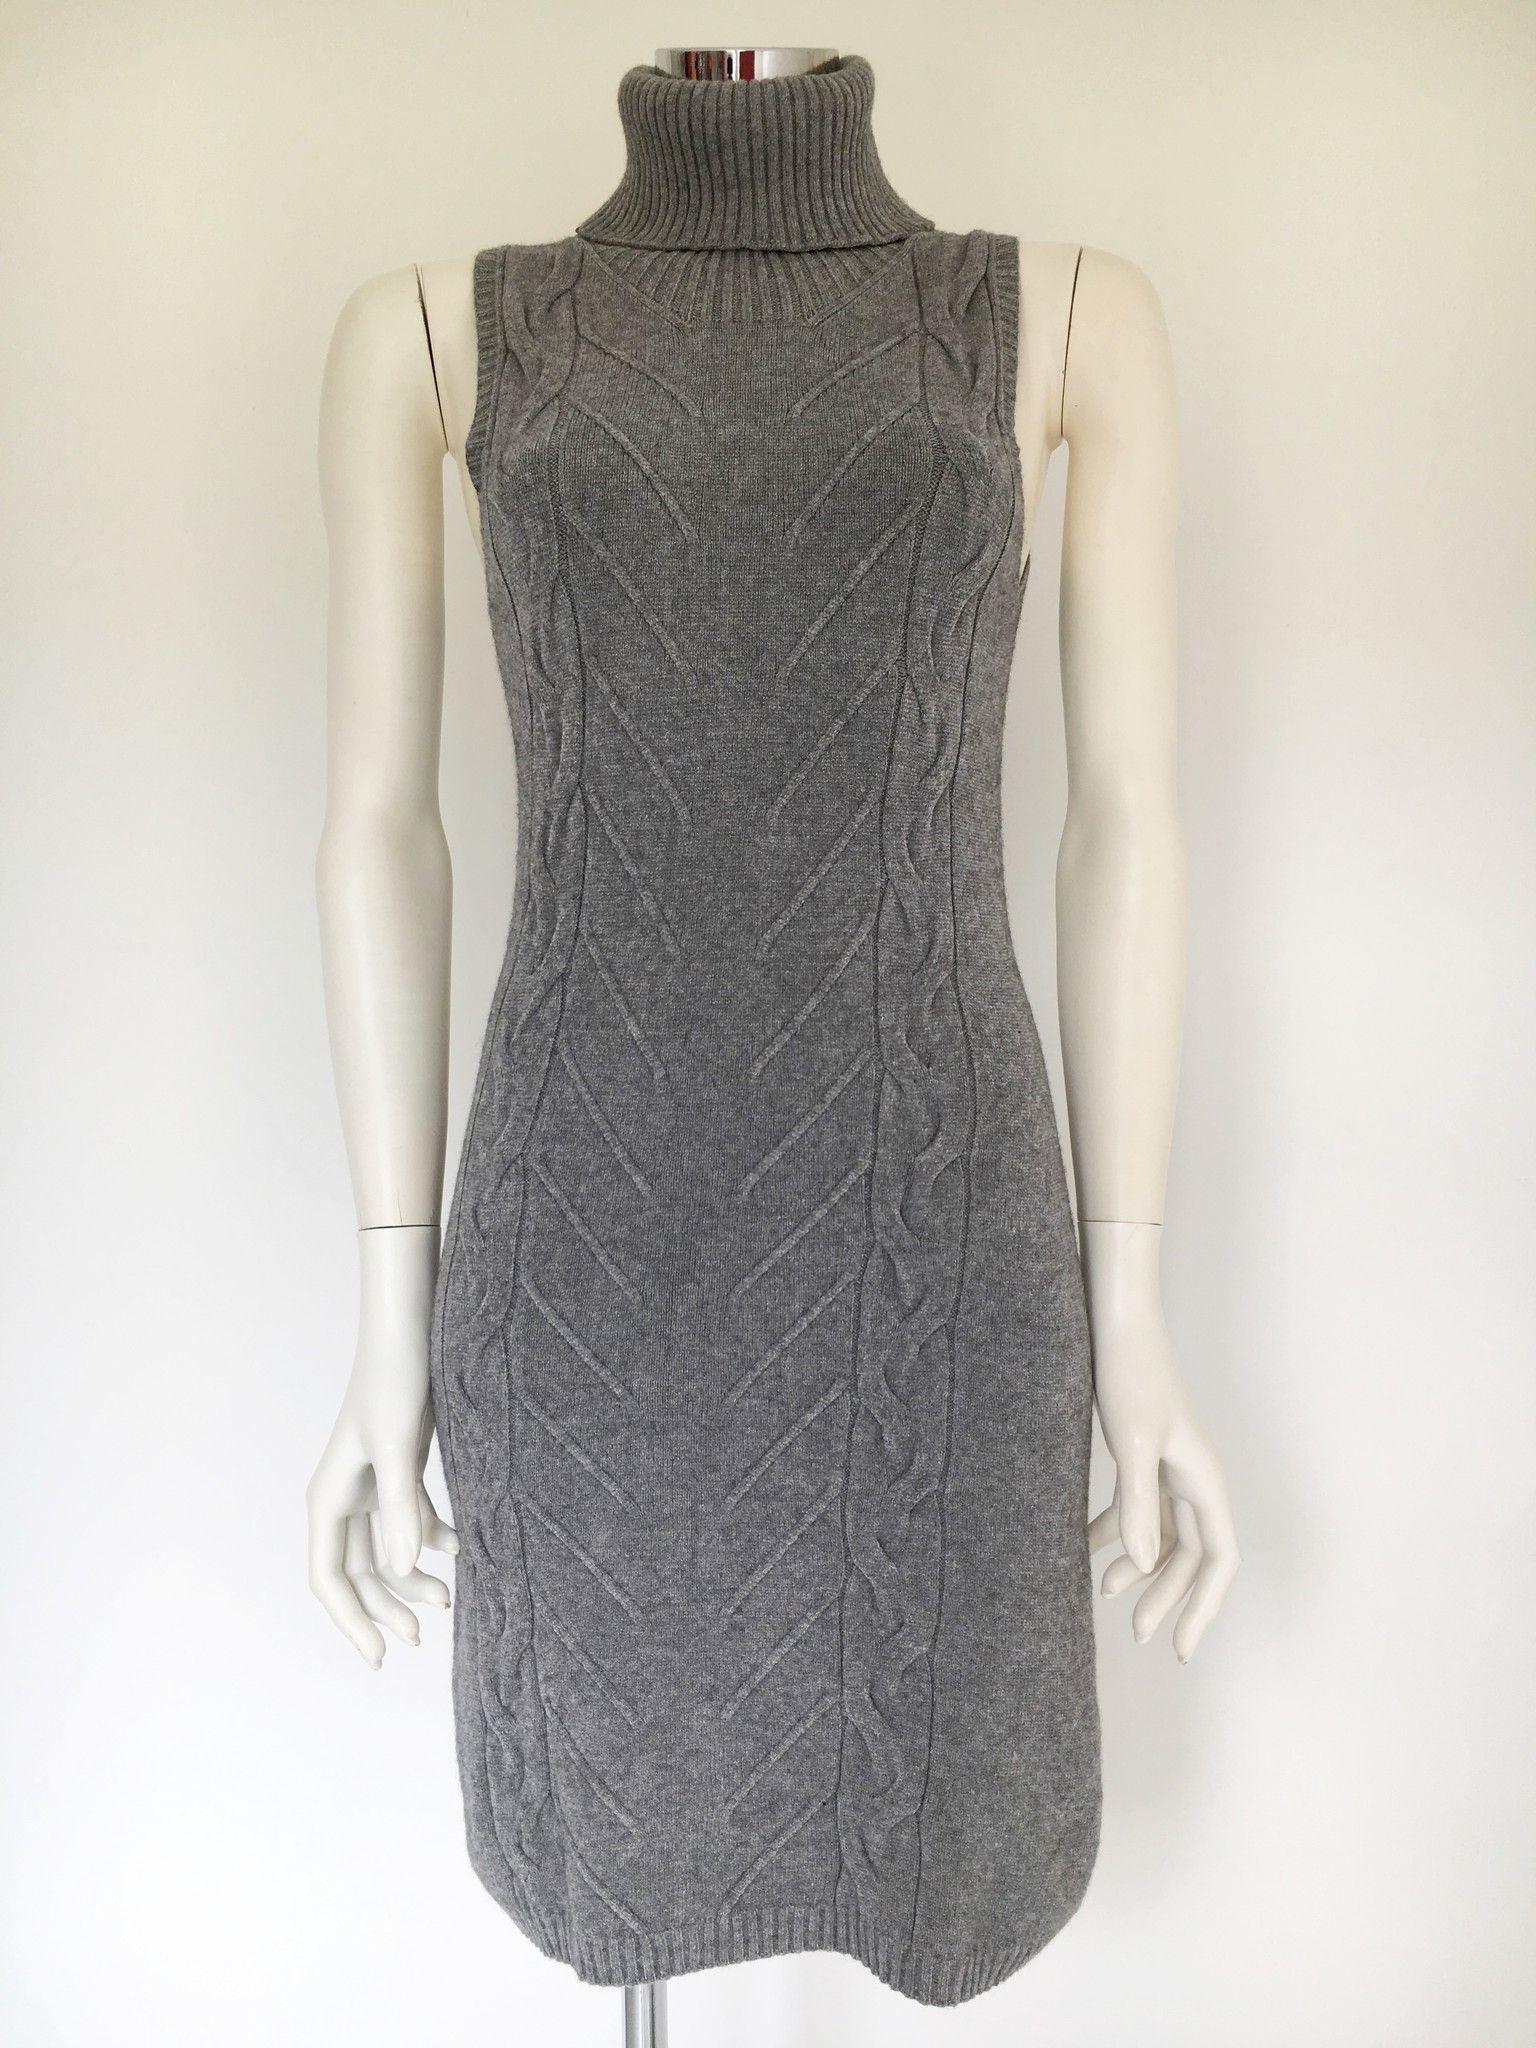 LadyBug Sleeveless Turtleneck Dress Cod.70796